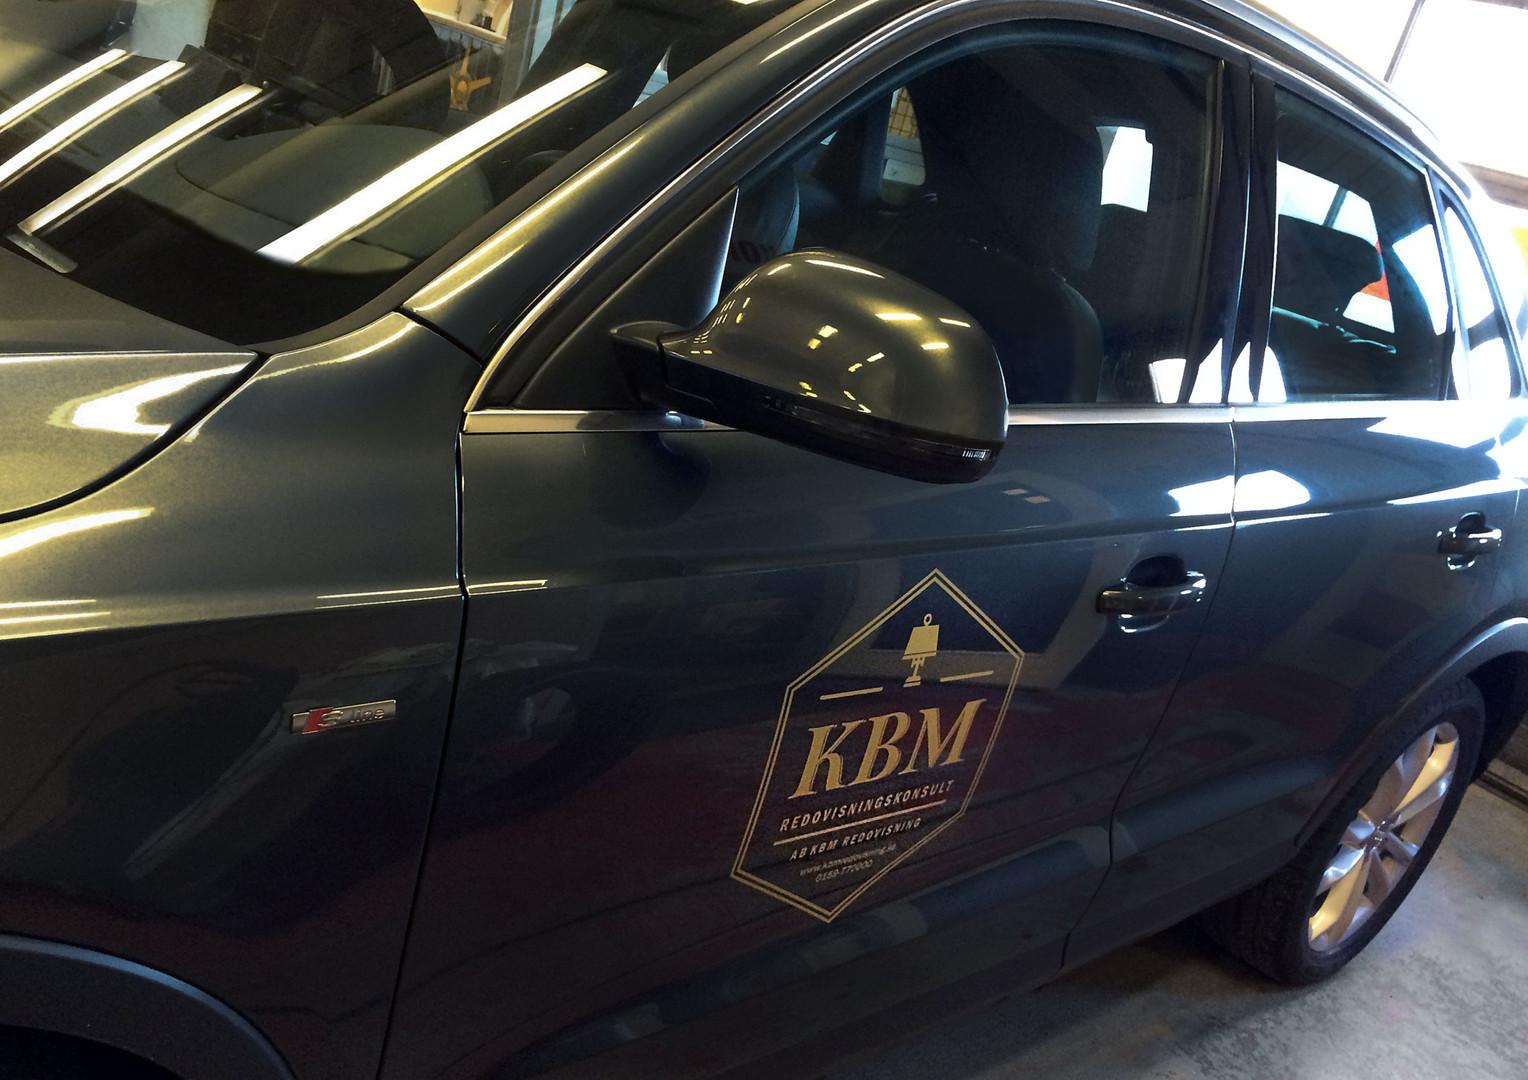 AB-KBM-Car.jpg